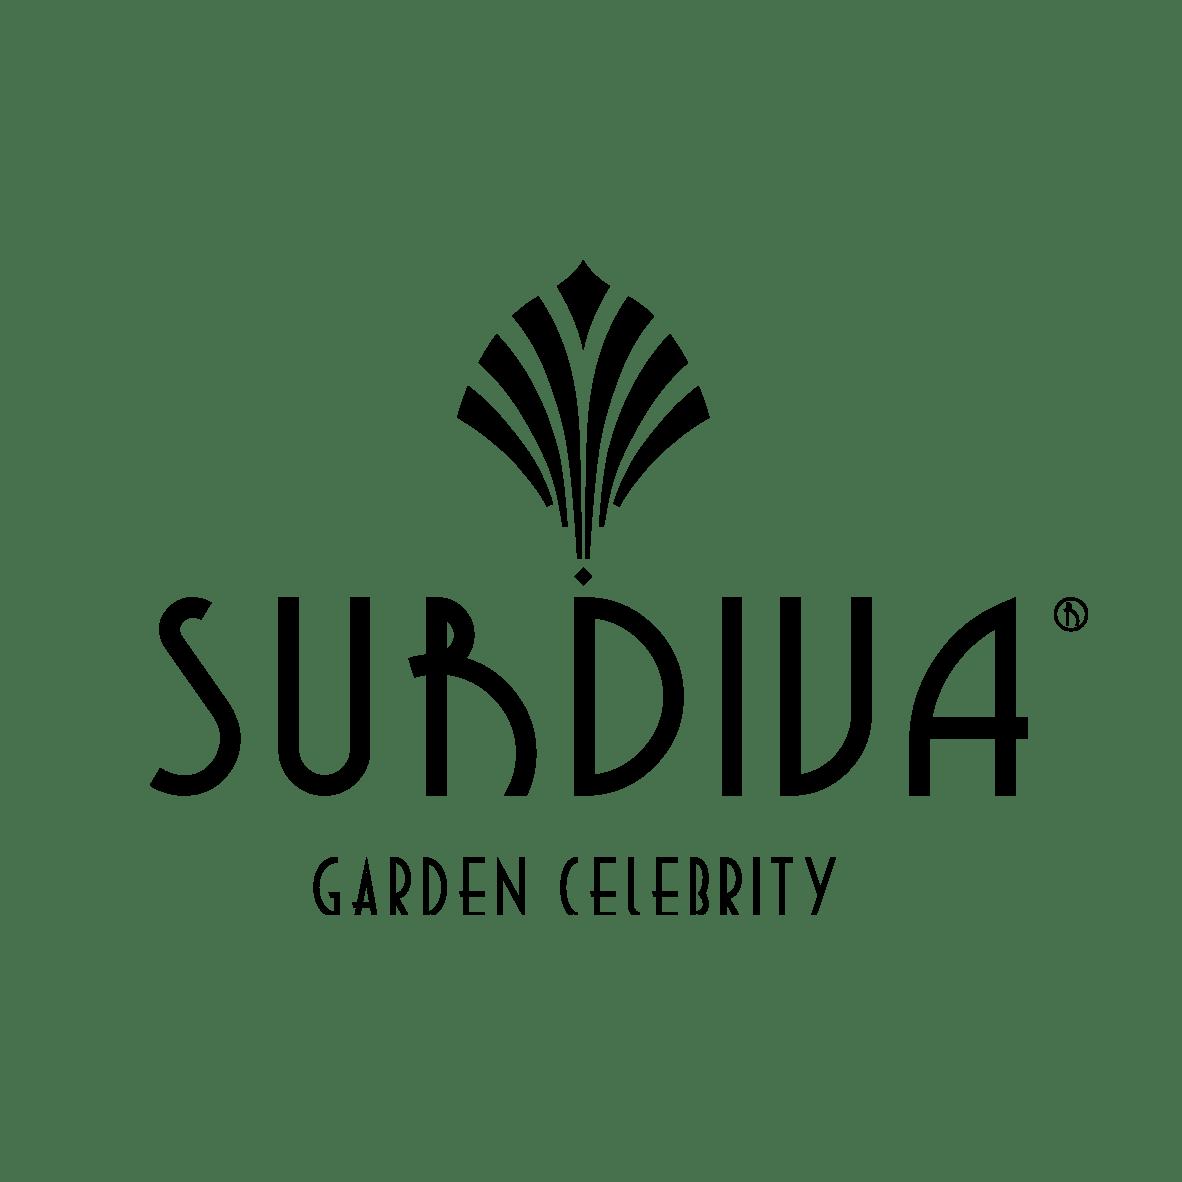 Surdiva logo black